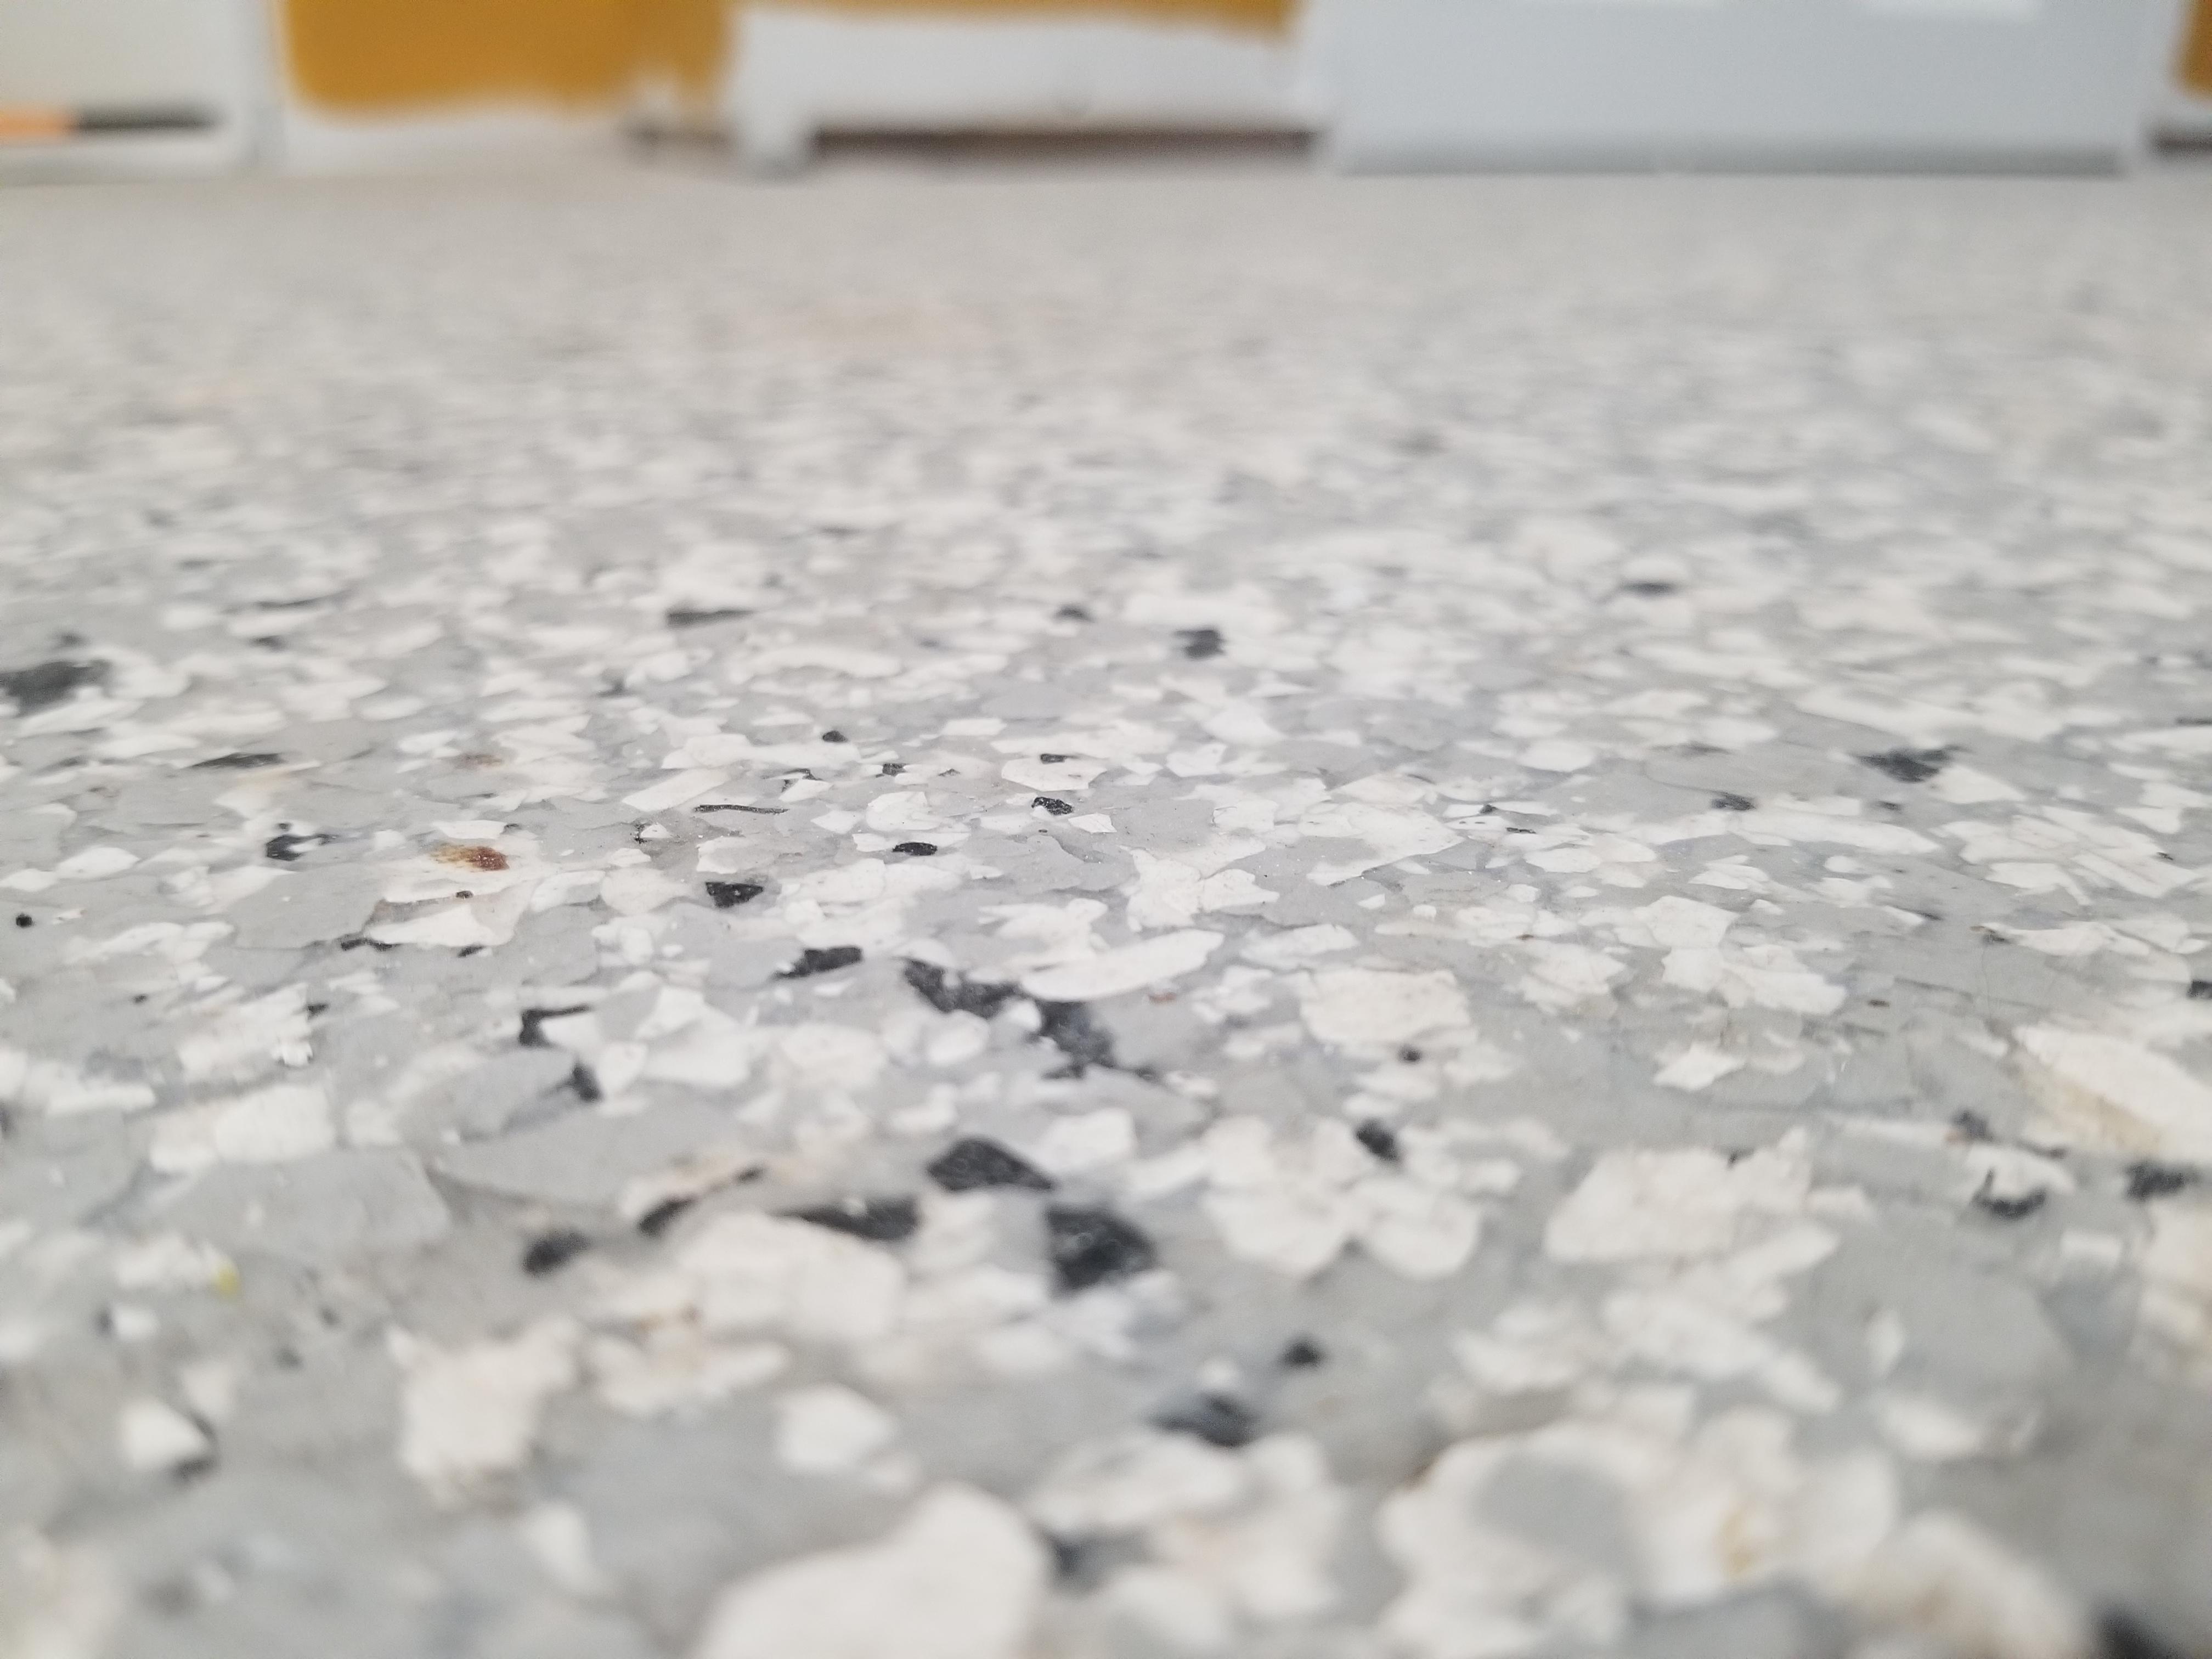 peel vinyl tile over this epoxy floor